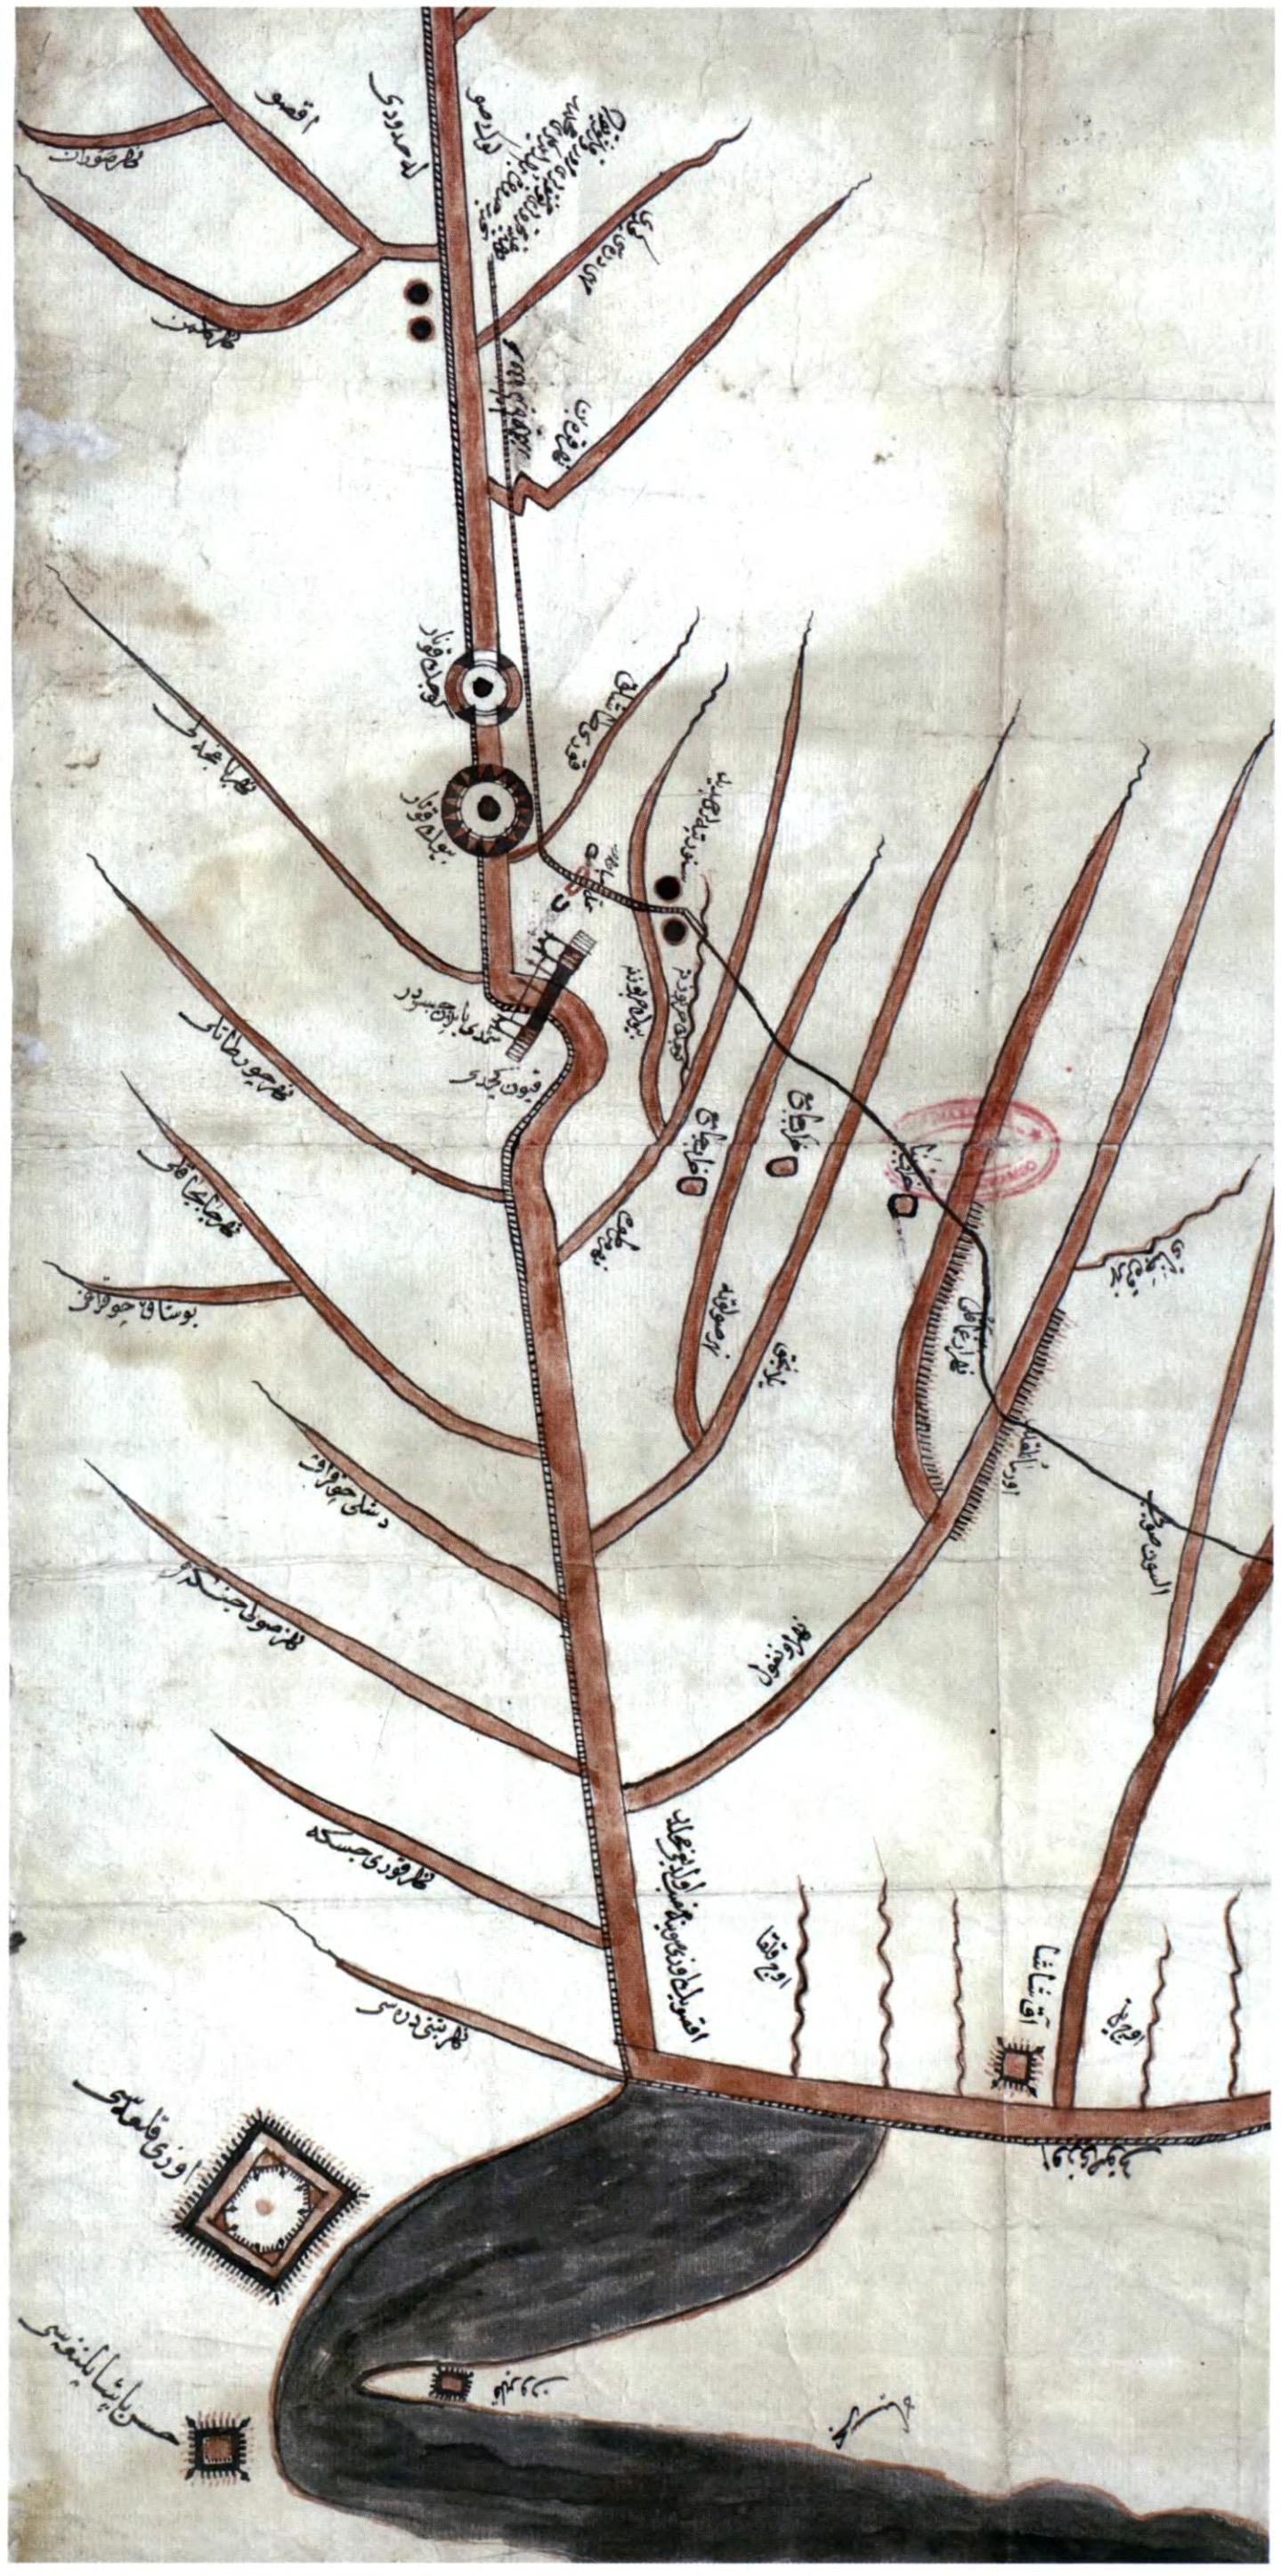 http://papacoma.narod.ru/maps/maps-images2/turki_zannoni/turki2.jpg